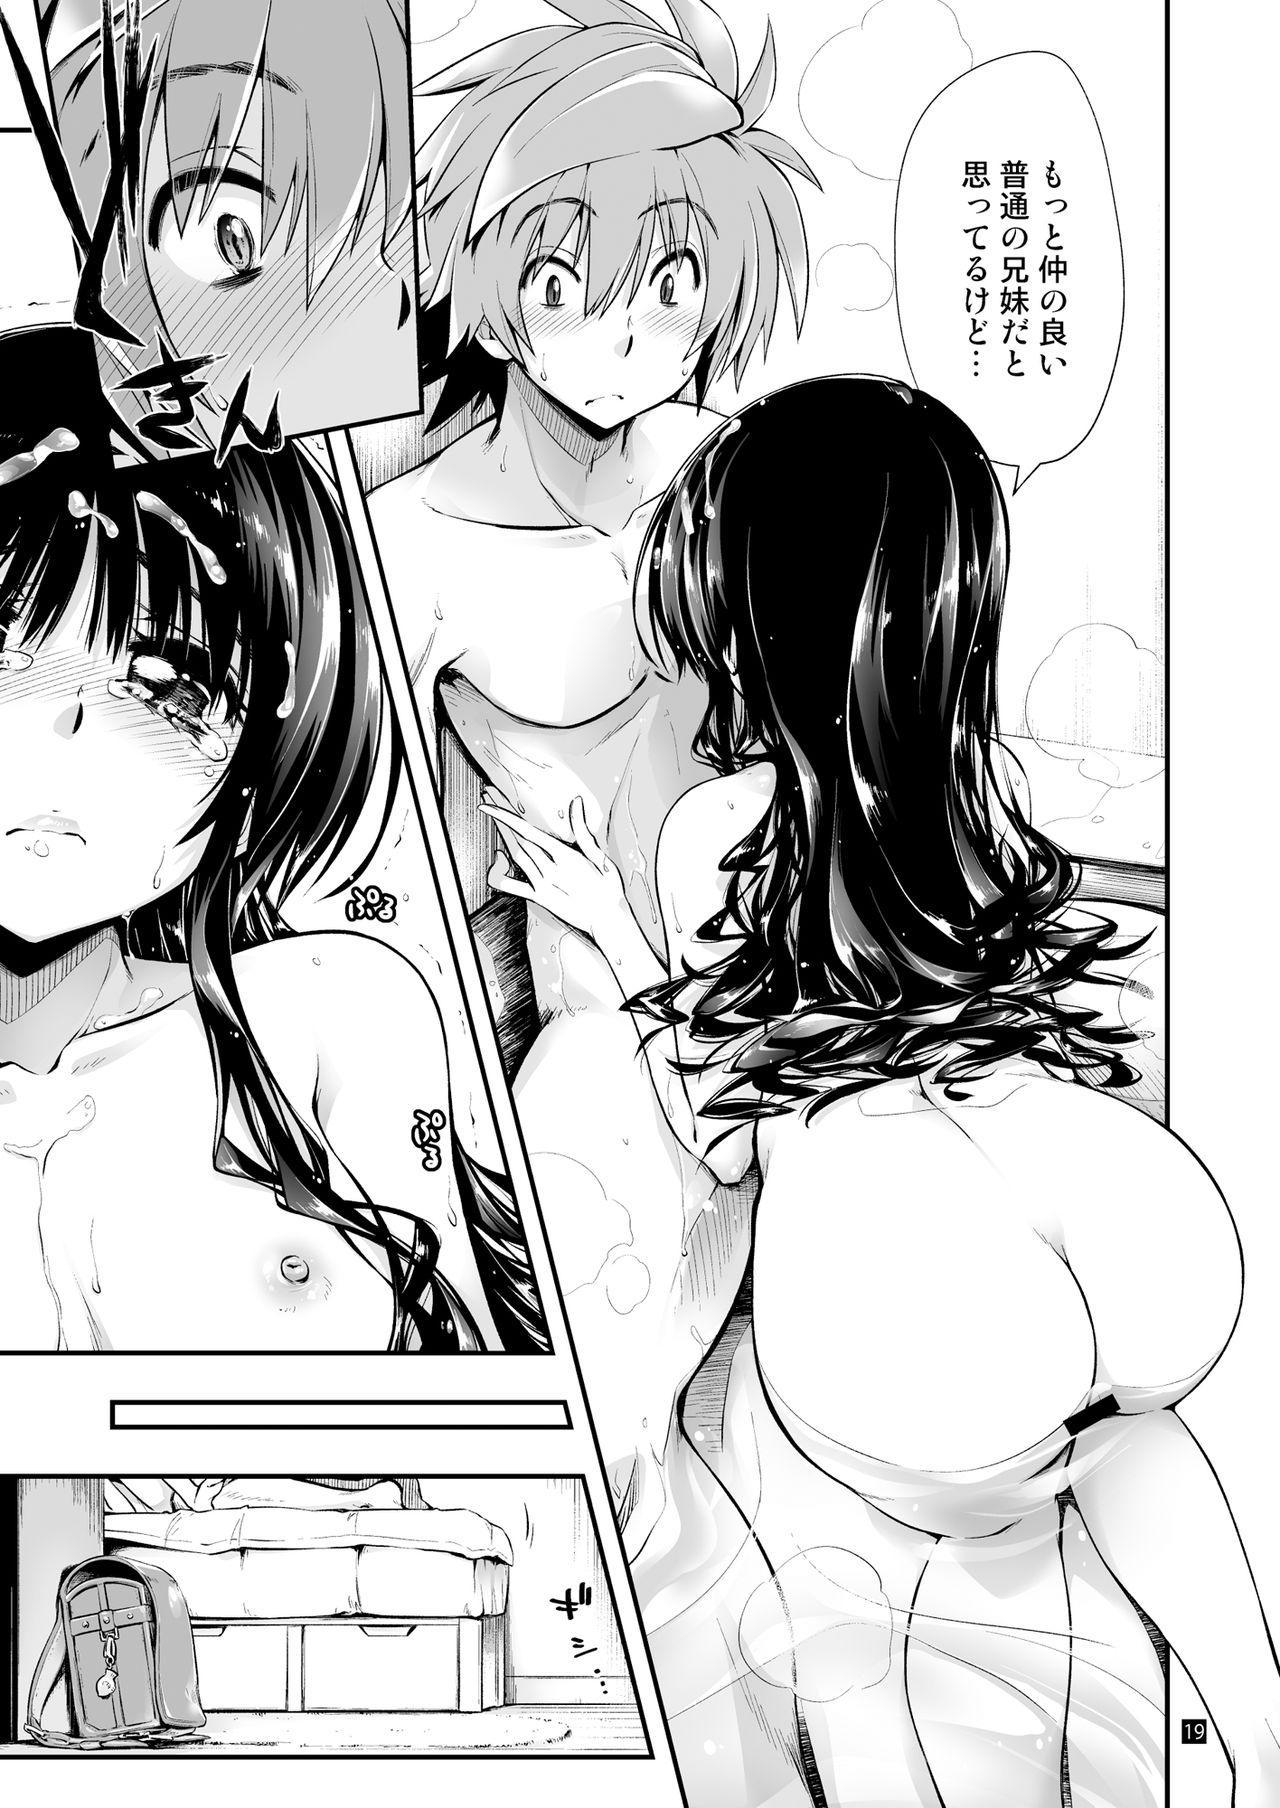 Futsuu no Kyoudai 19